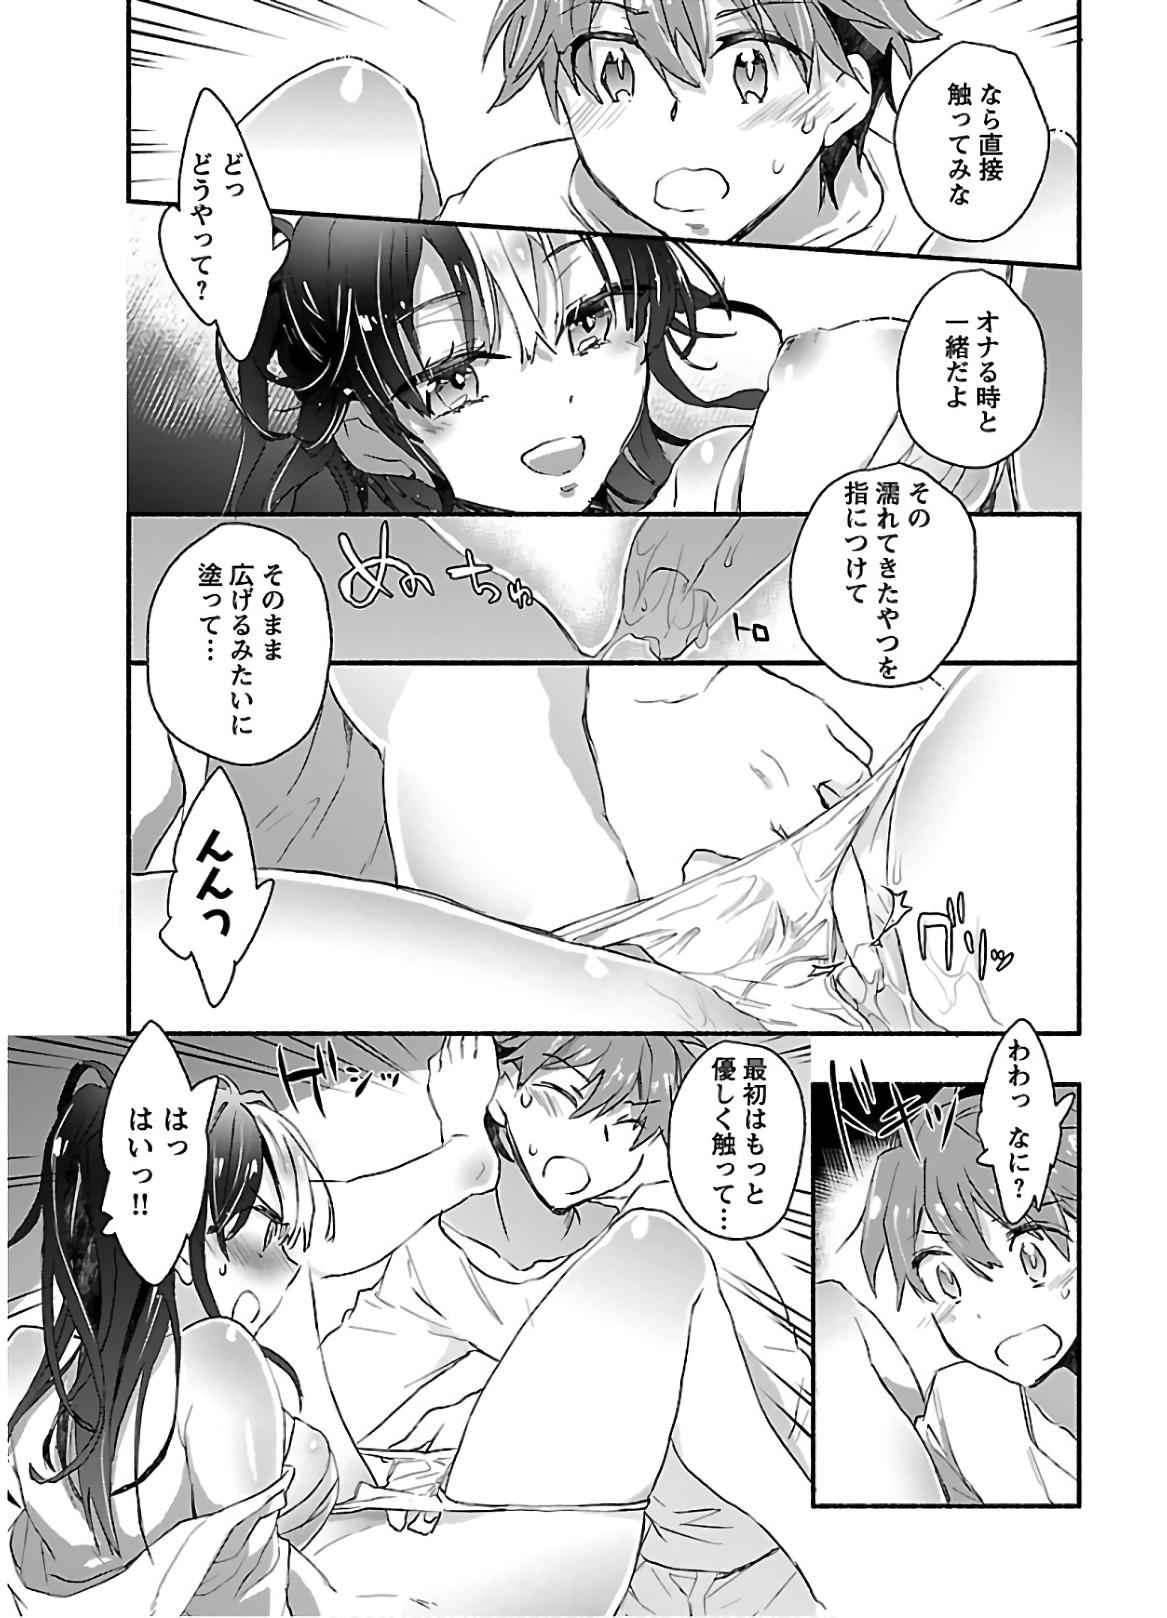 Yankii musume ni natsukarete kotoshi mo juken ni shippai shisou desu  vol.1 88